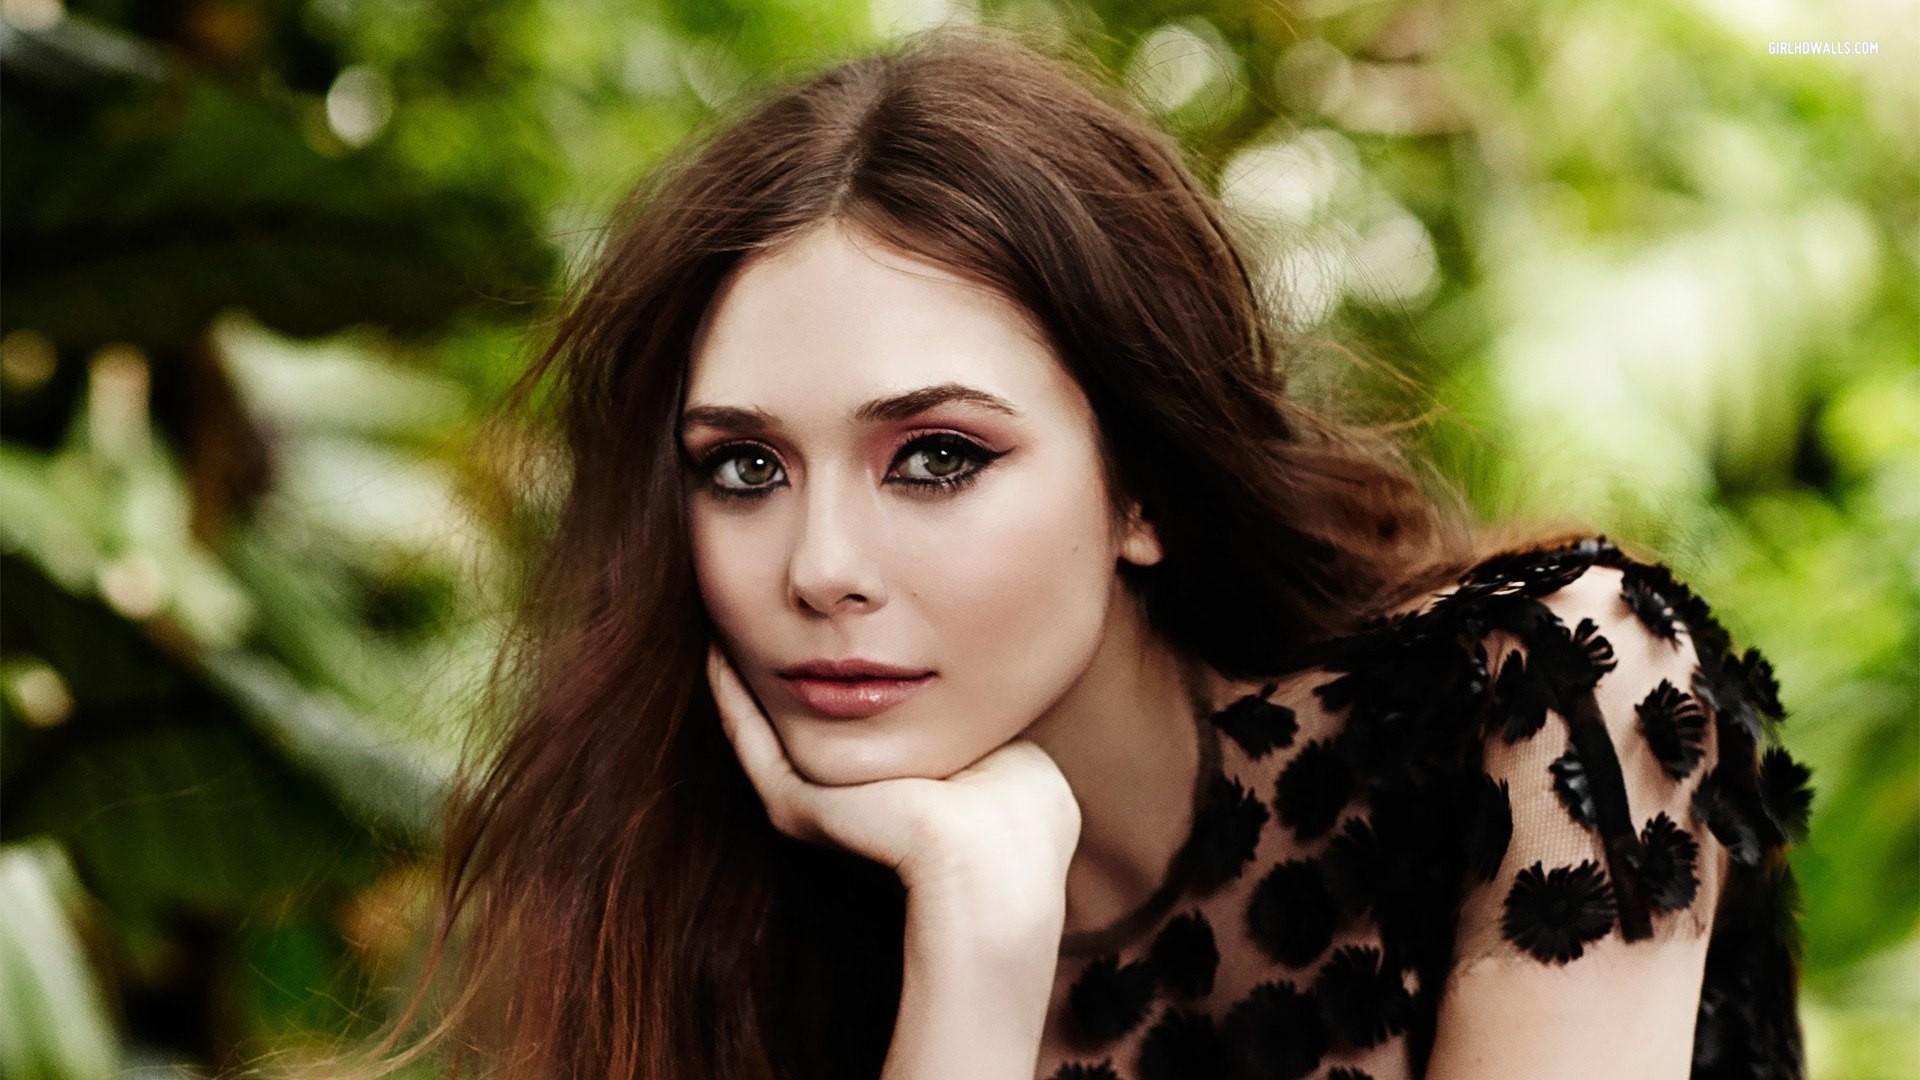 Elizabeth Olsen High Quality